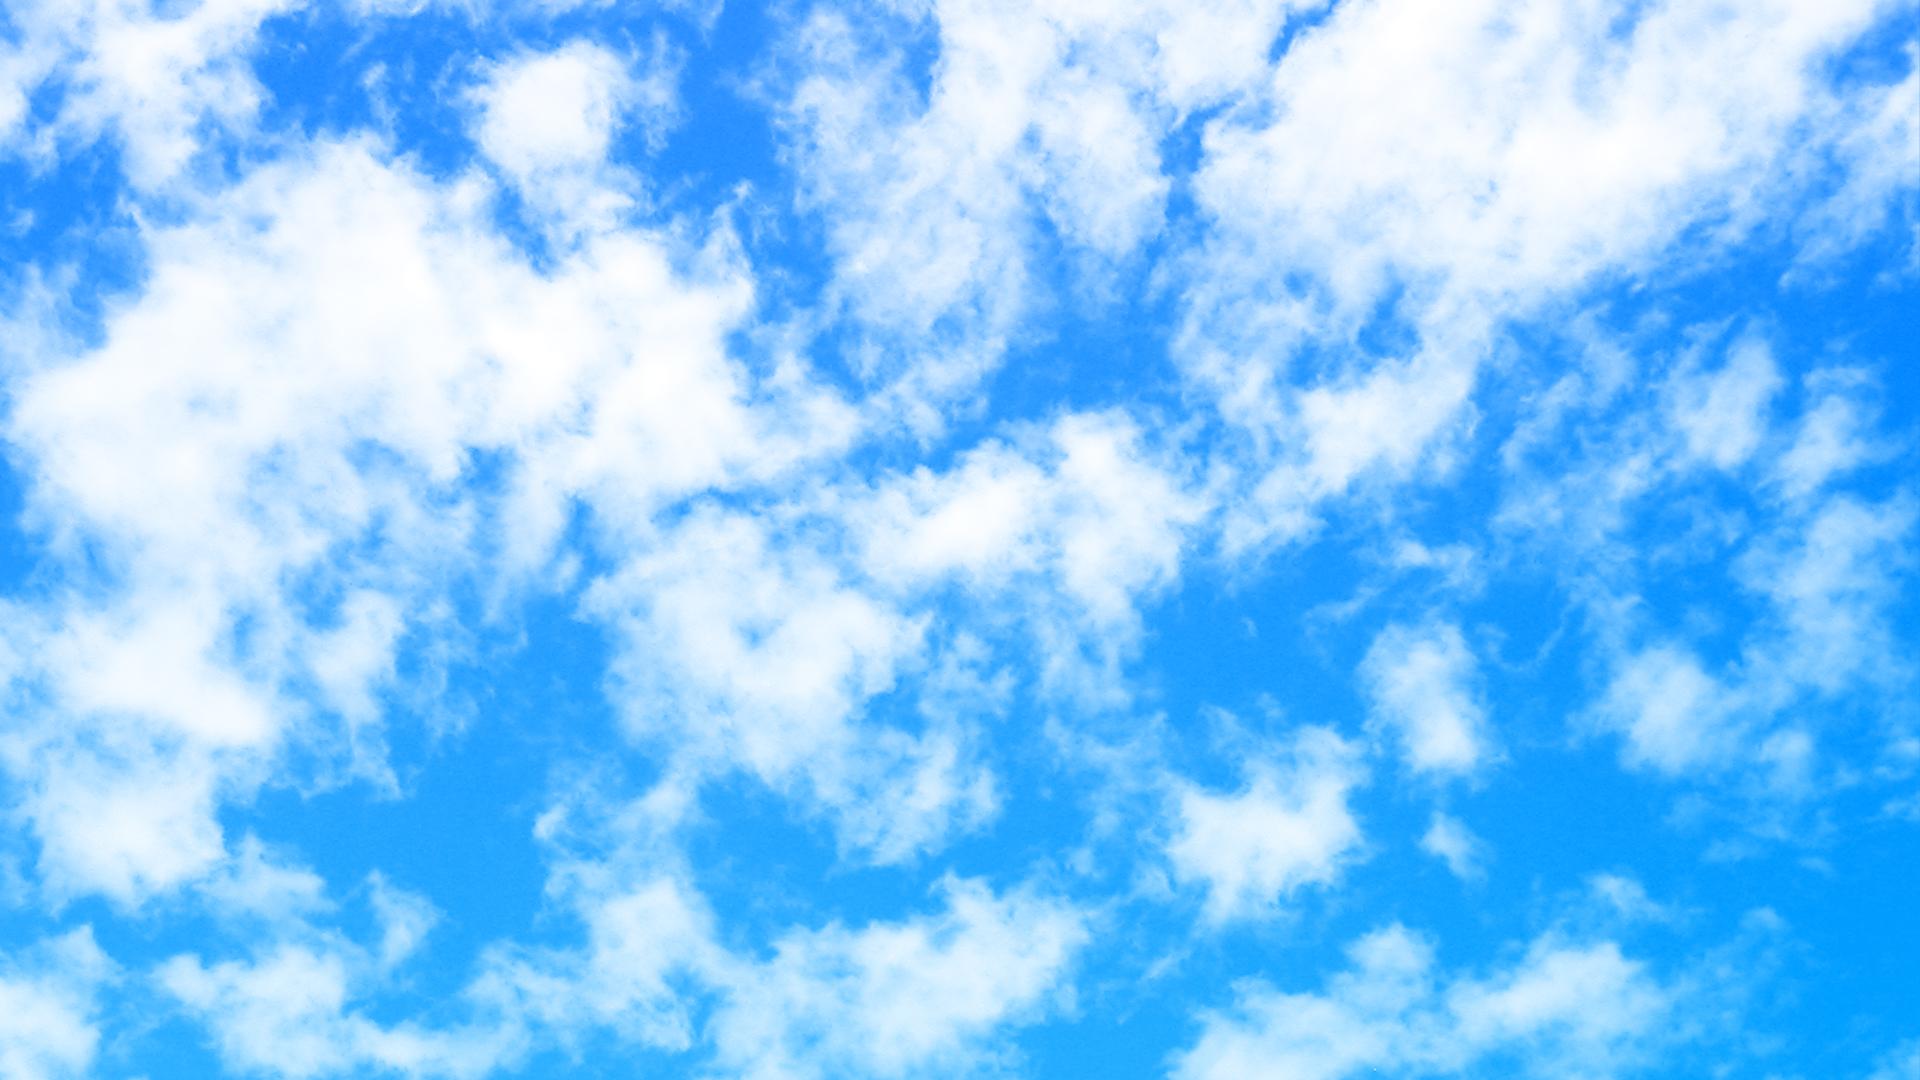 雲017 雲017 空 雲 壁紙 青色 ファイルサイズ:1227kb 画像素材